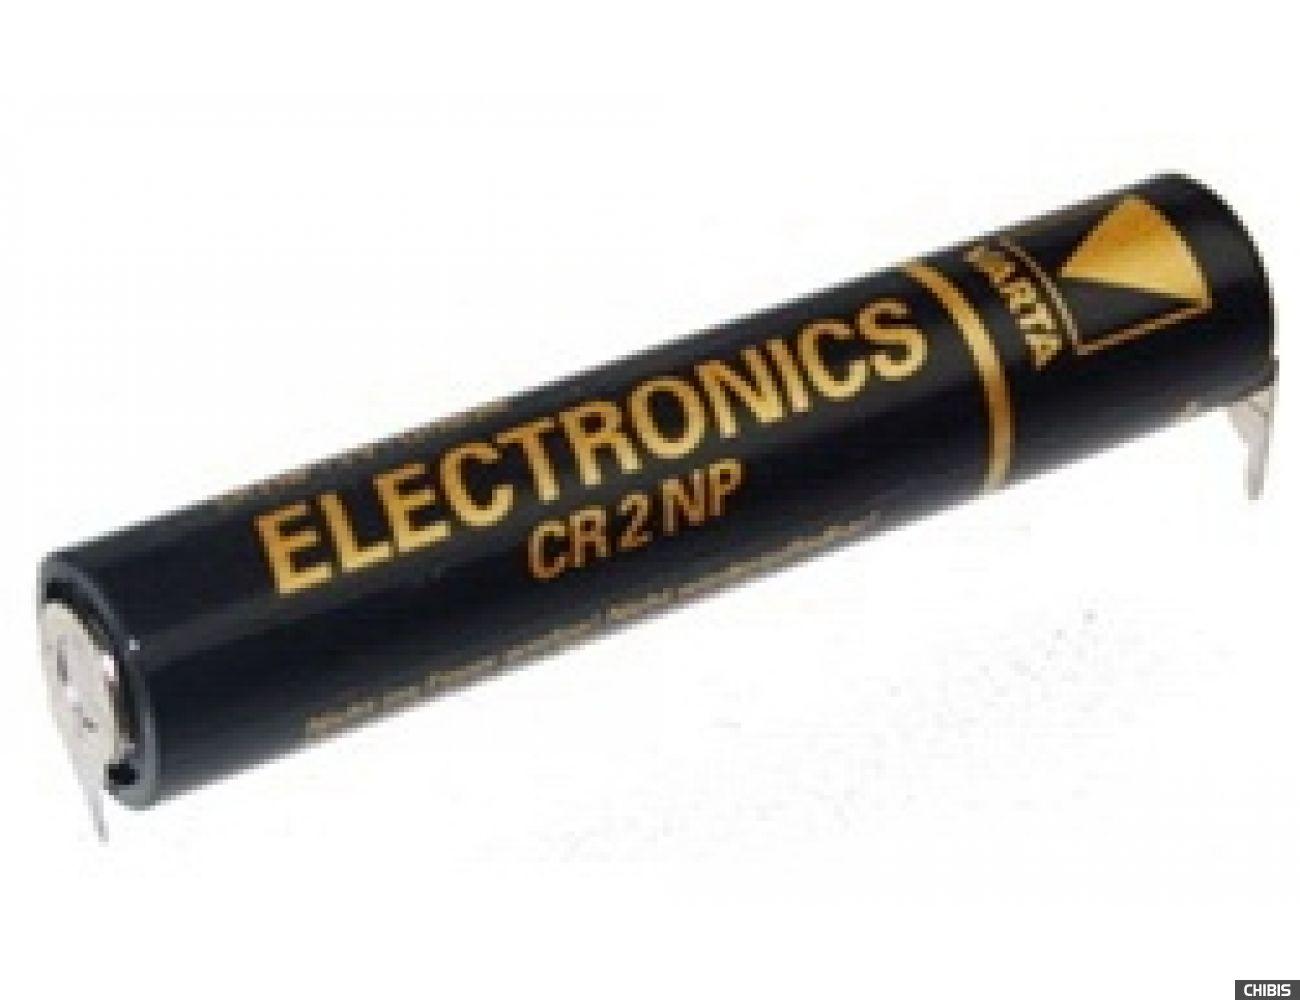 Батарейка Varta CR-2NP Professional Electronics (CR11108, 1400mAh, 3V, Литиевая) 06202101401